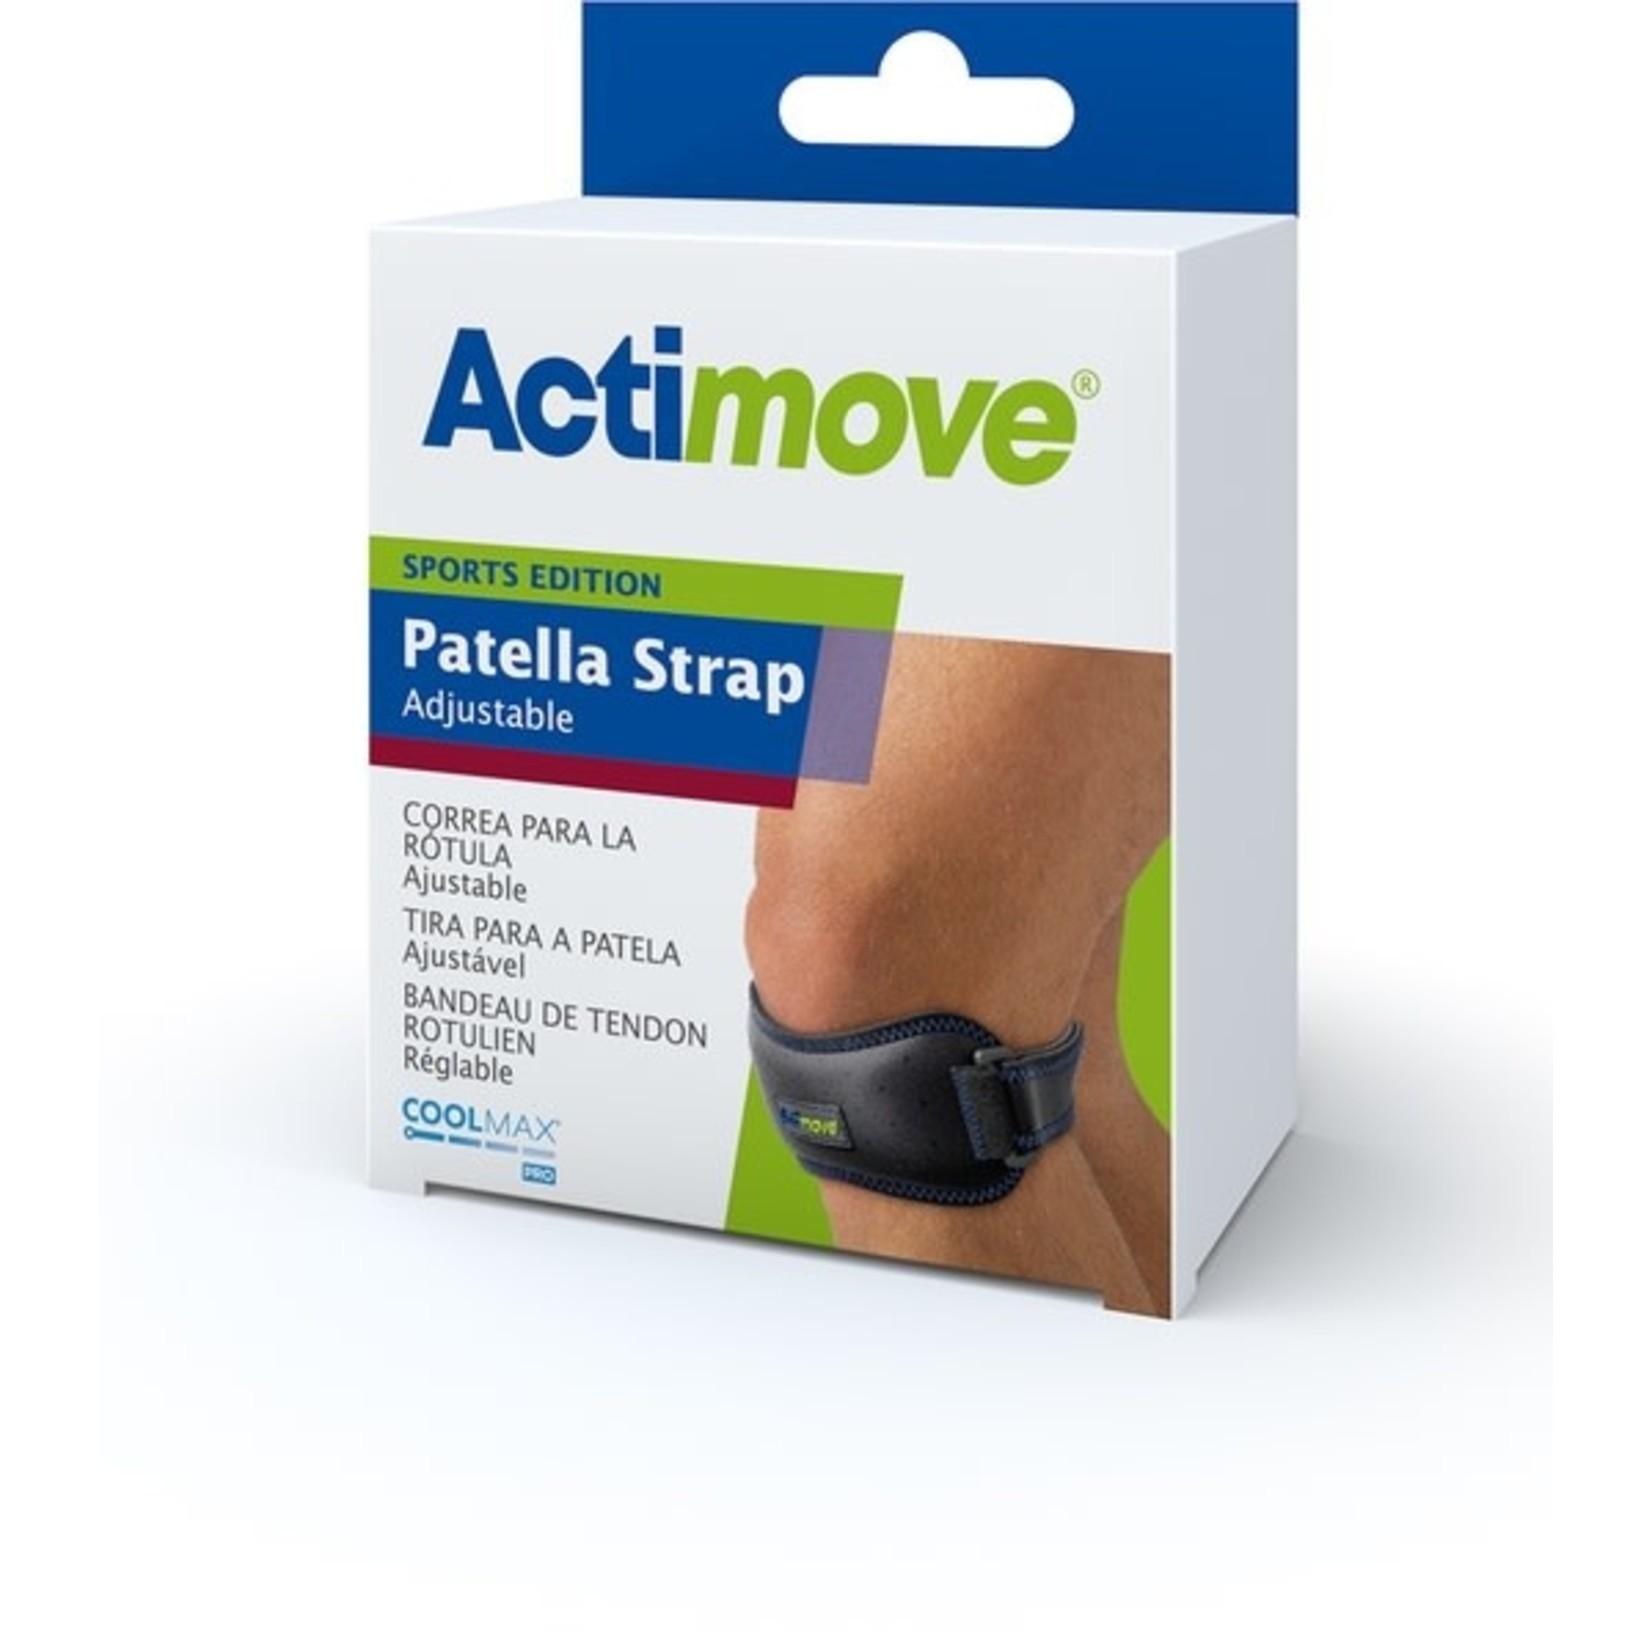 Actimove Actimove Patella Strap Adjustable Universal Black